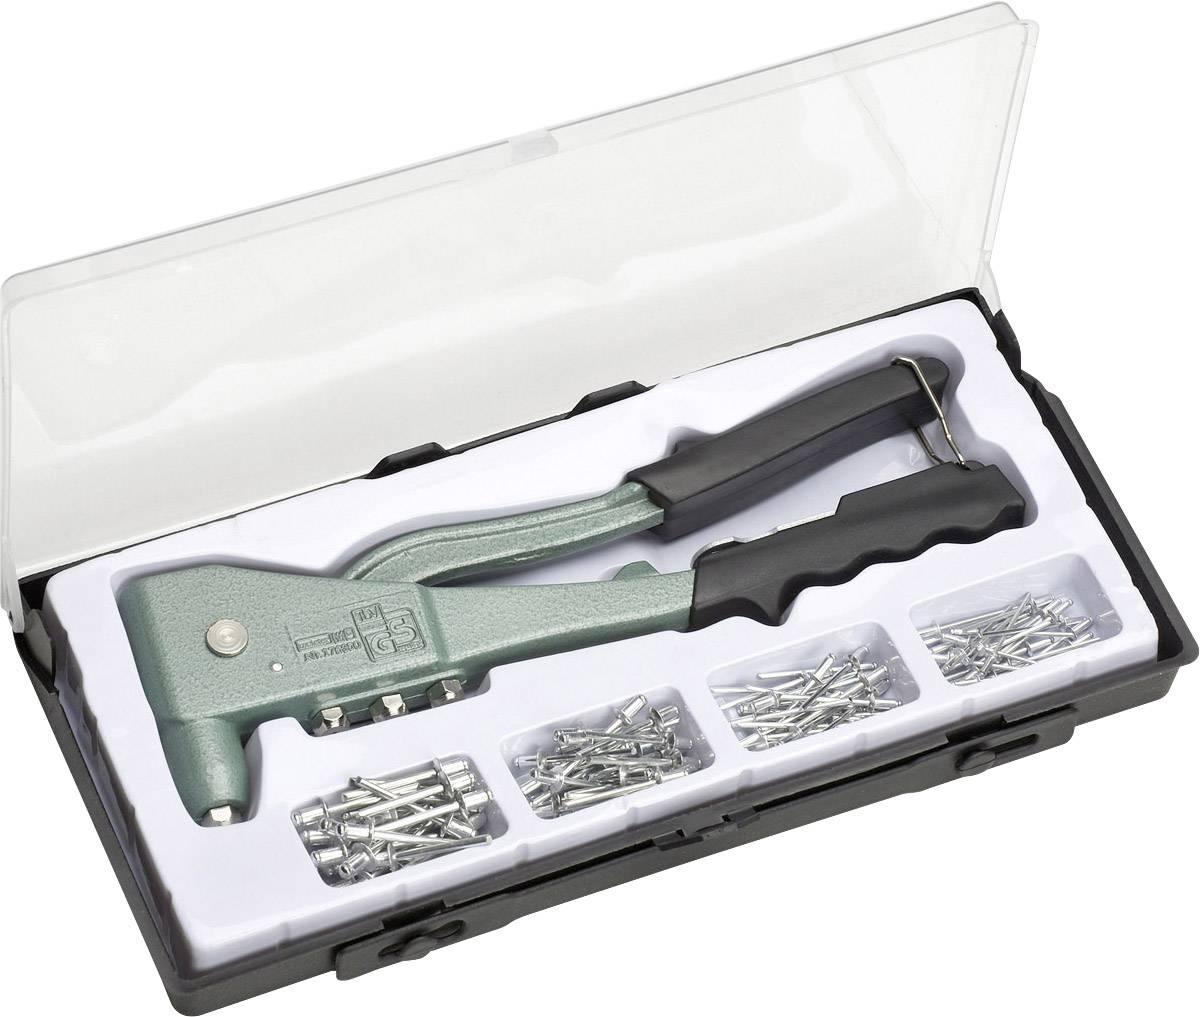 Sada nitovacích klieští Meister Werkzeuge 100 st, vrátane 100 ks nitov